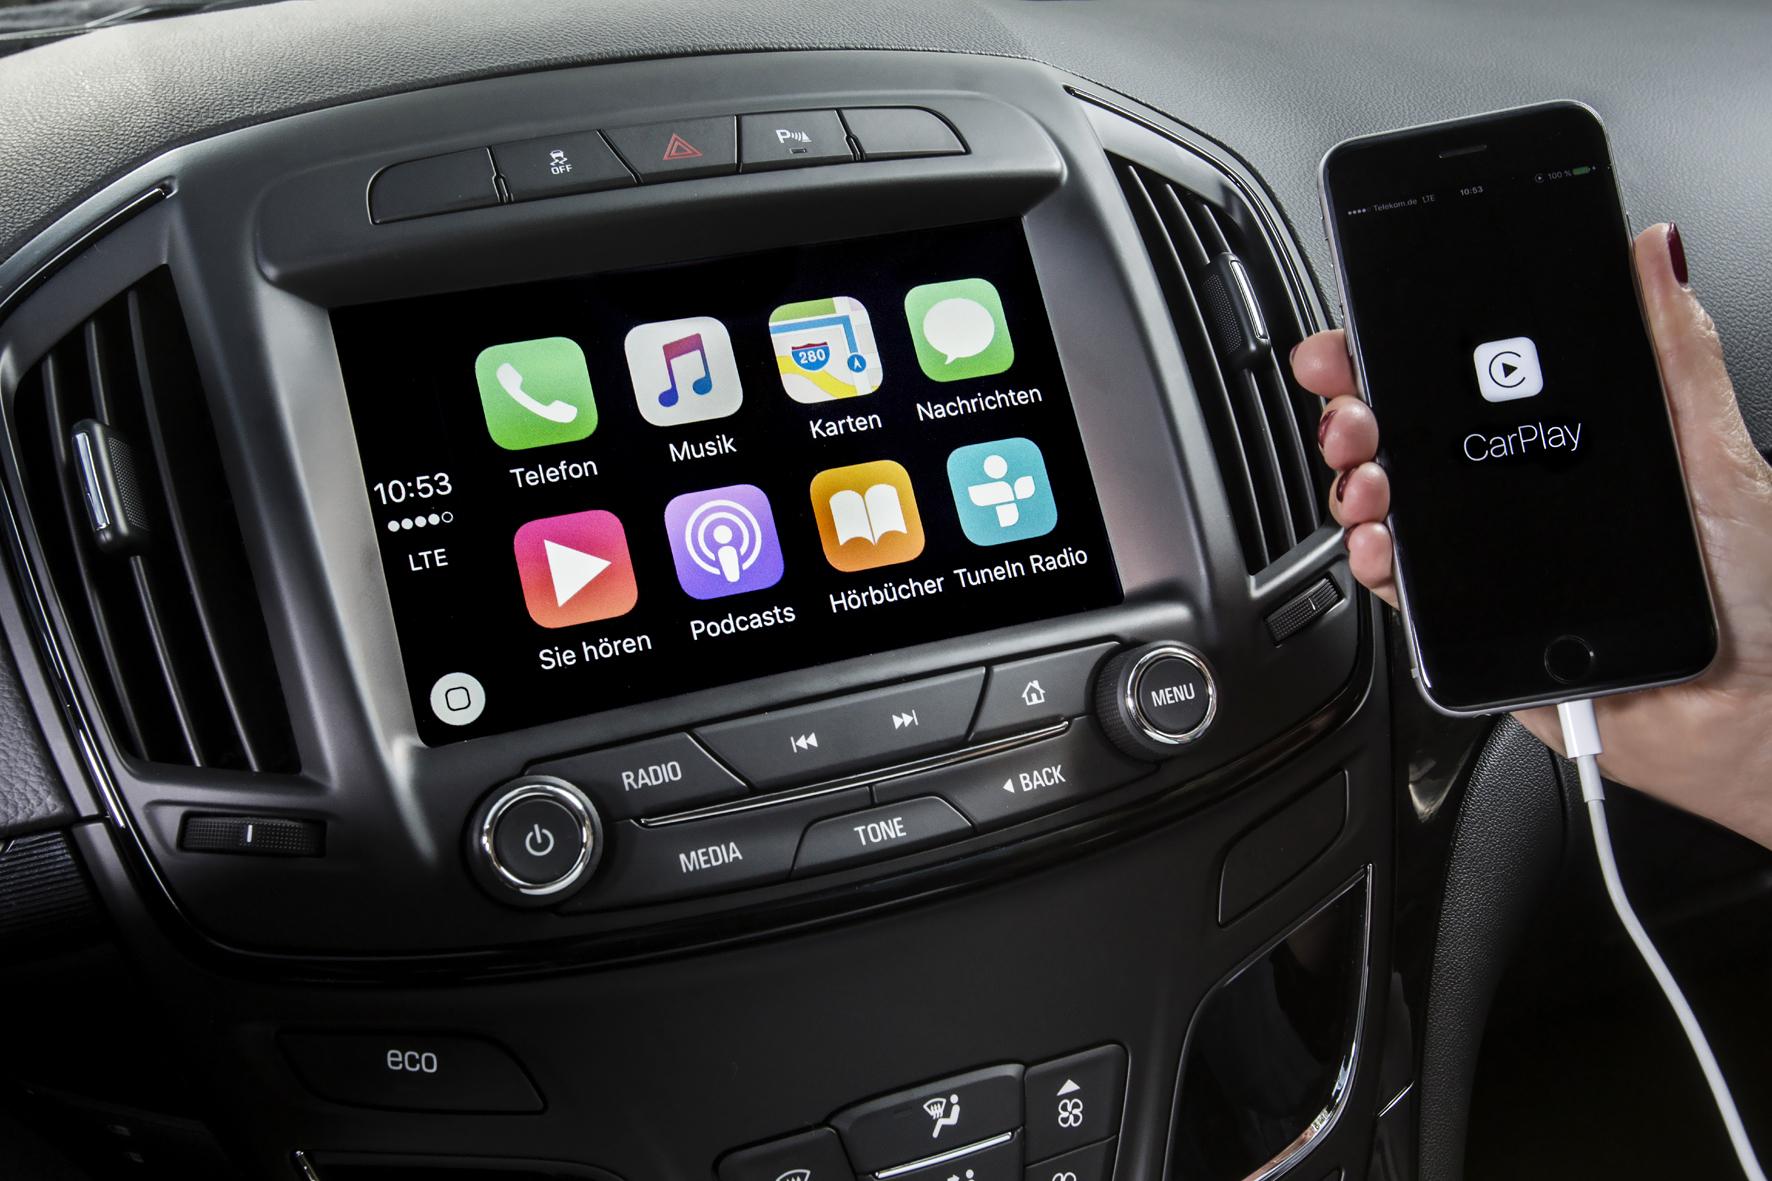 mid Düsseldorf - Infotainment-Update für den Opel Insignia: Das ab sofort erhältliche Navi 900 IntelliLink-System inklusive Smartphone-Integration.